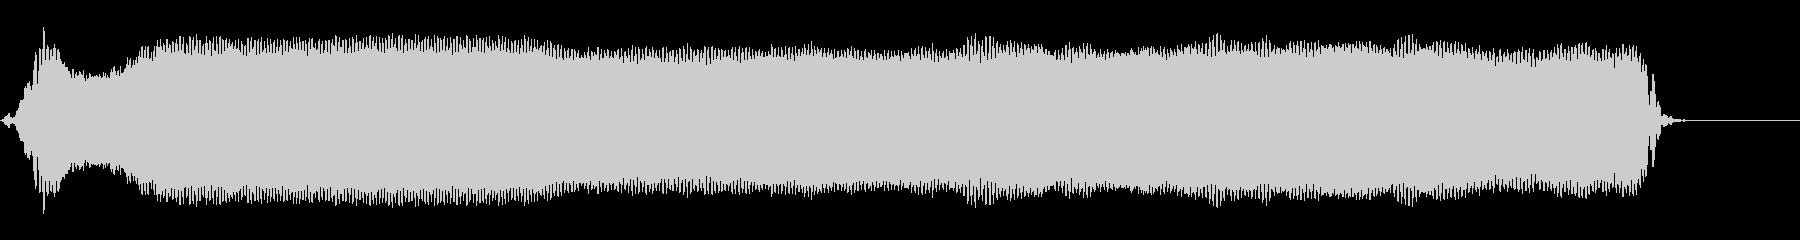 ピーーーー!◇ホイッスル、笛(超ロング)の未再生の波形